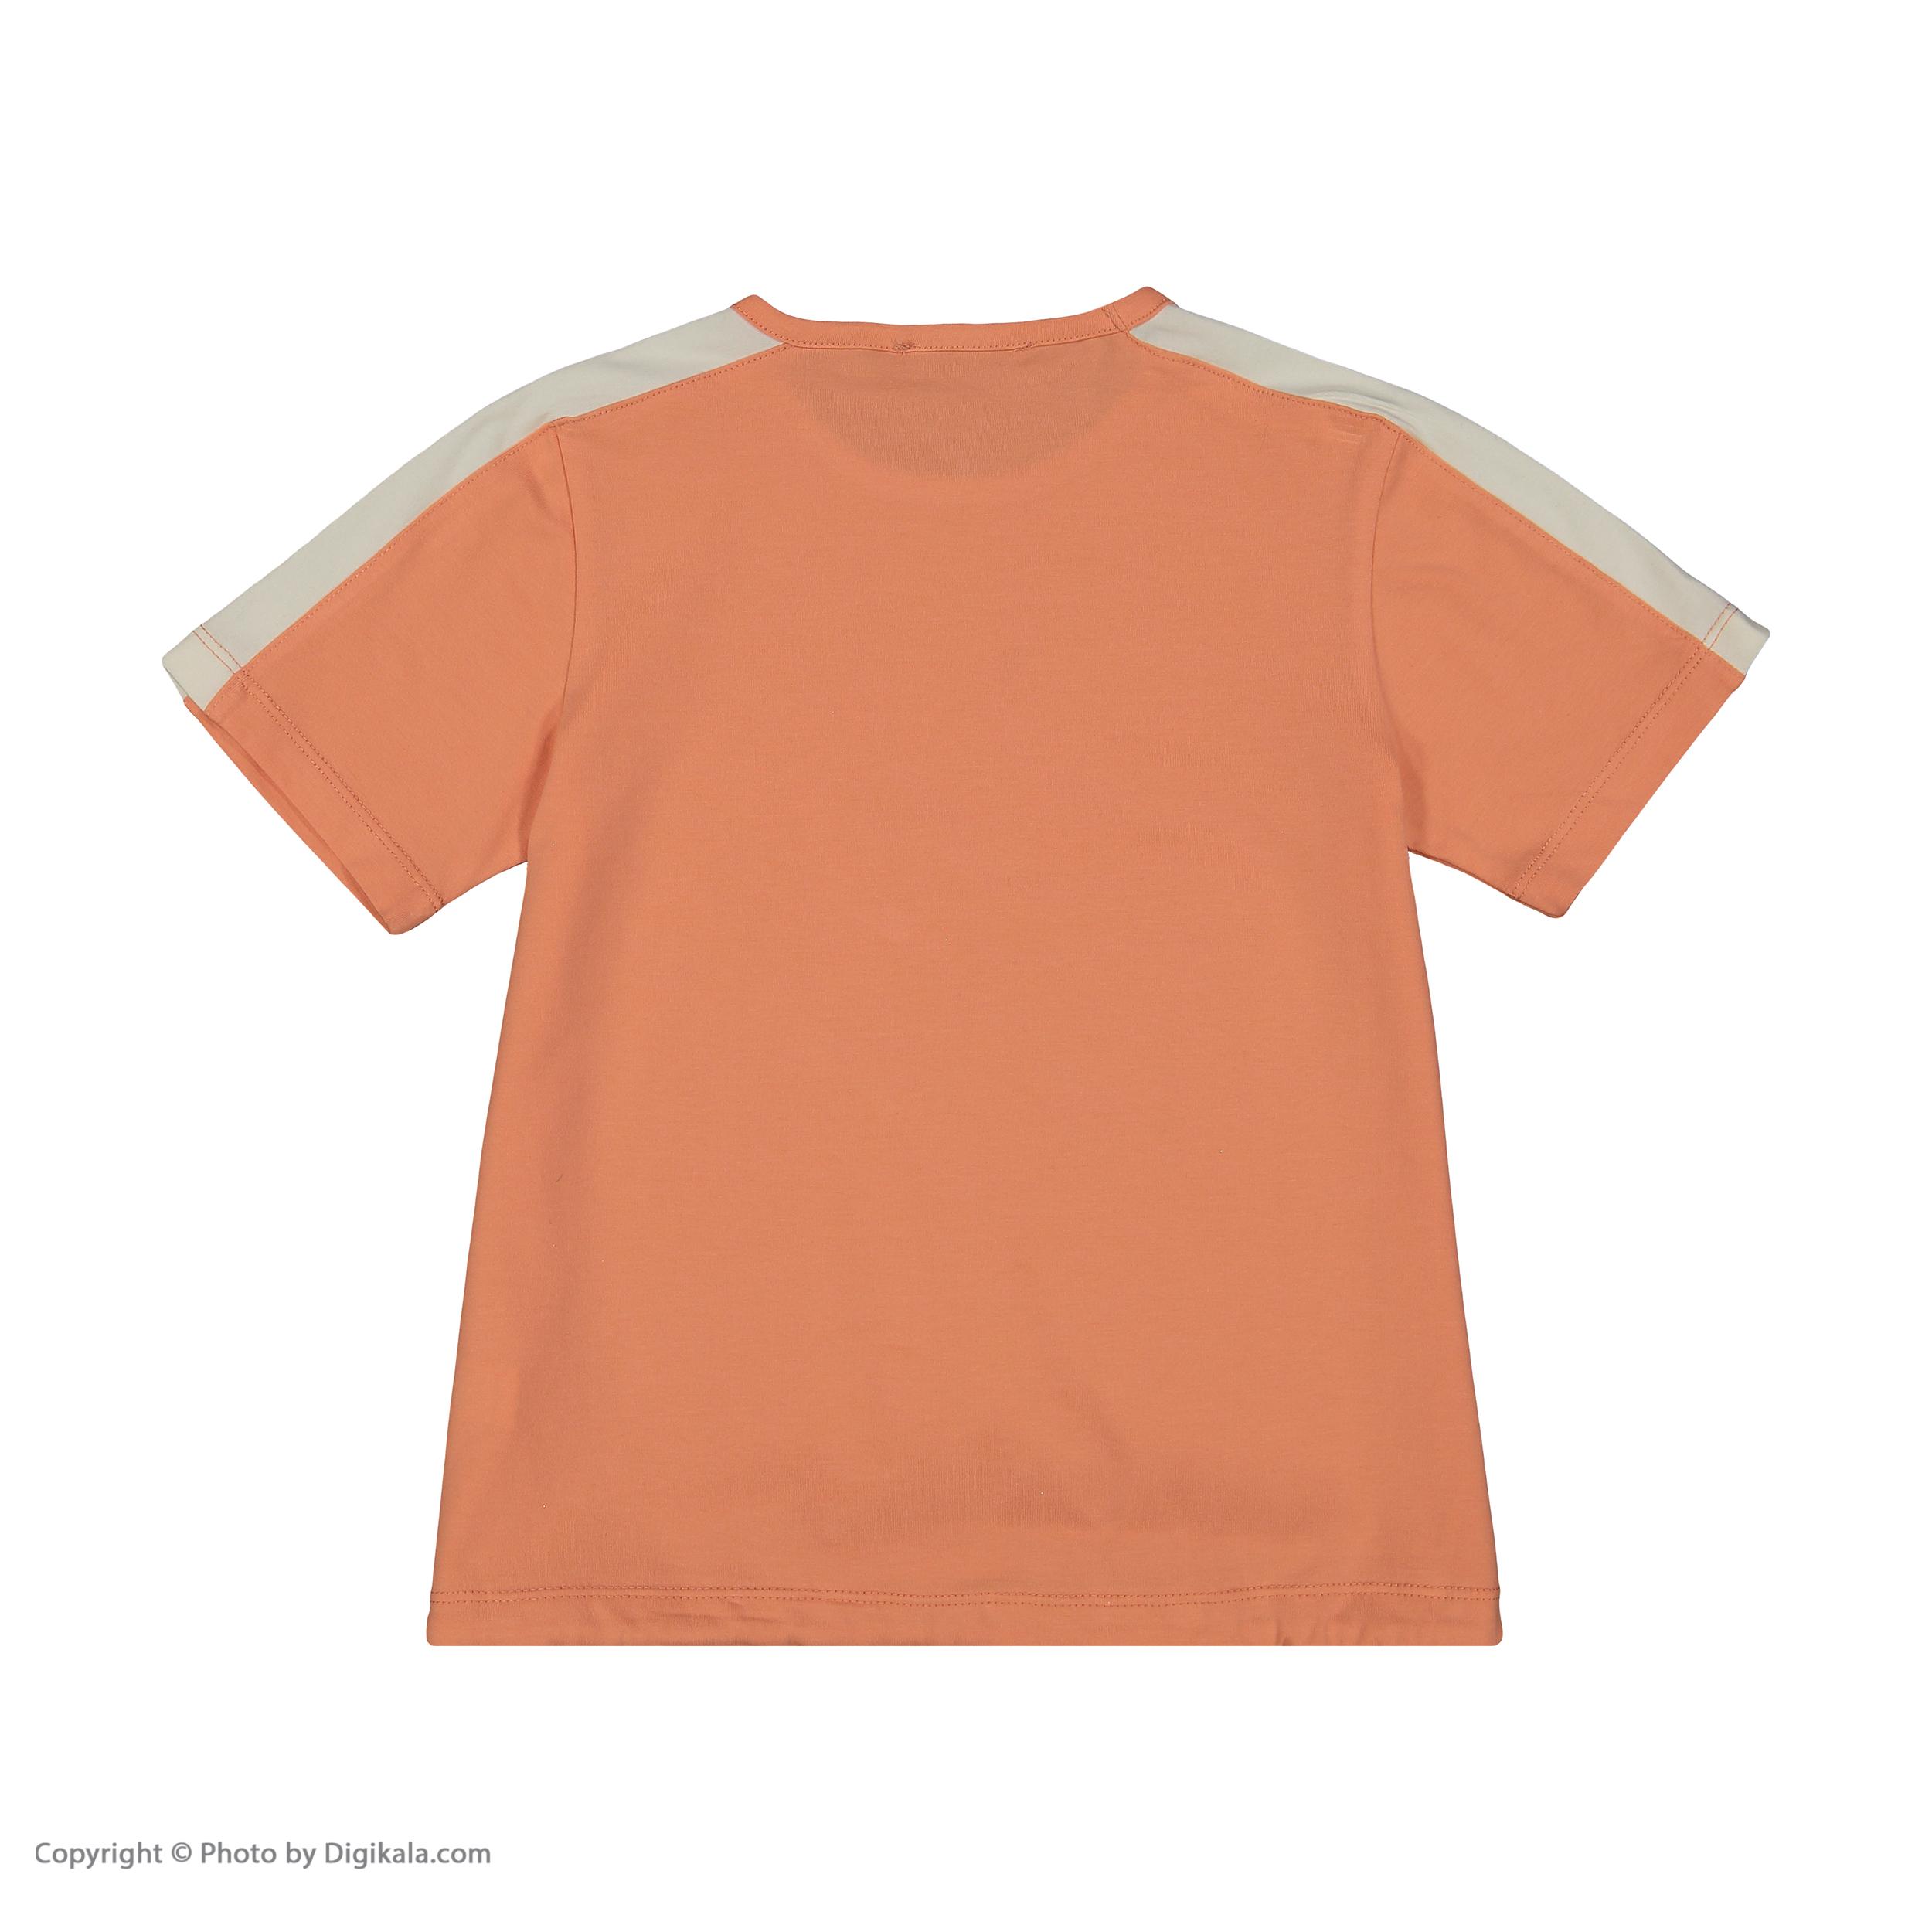 تی شرت دخترانه پیانو مدل 1836-23 -  - 4